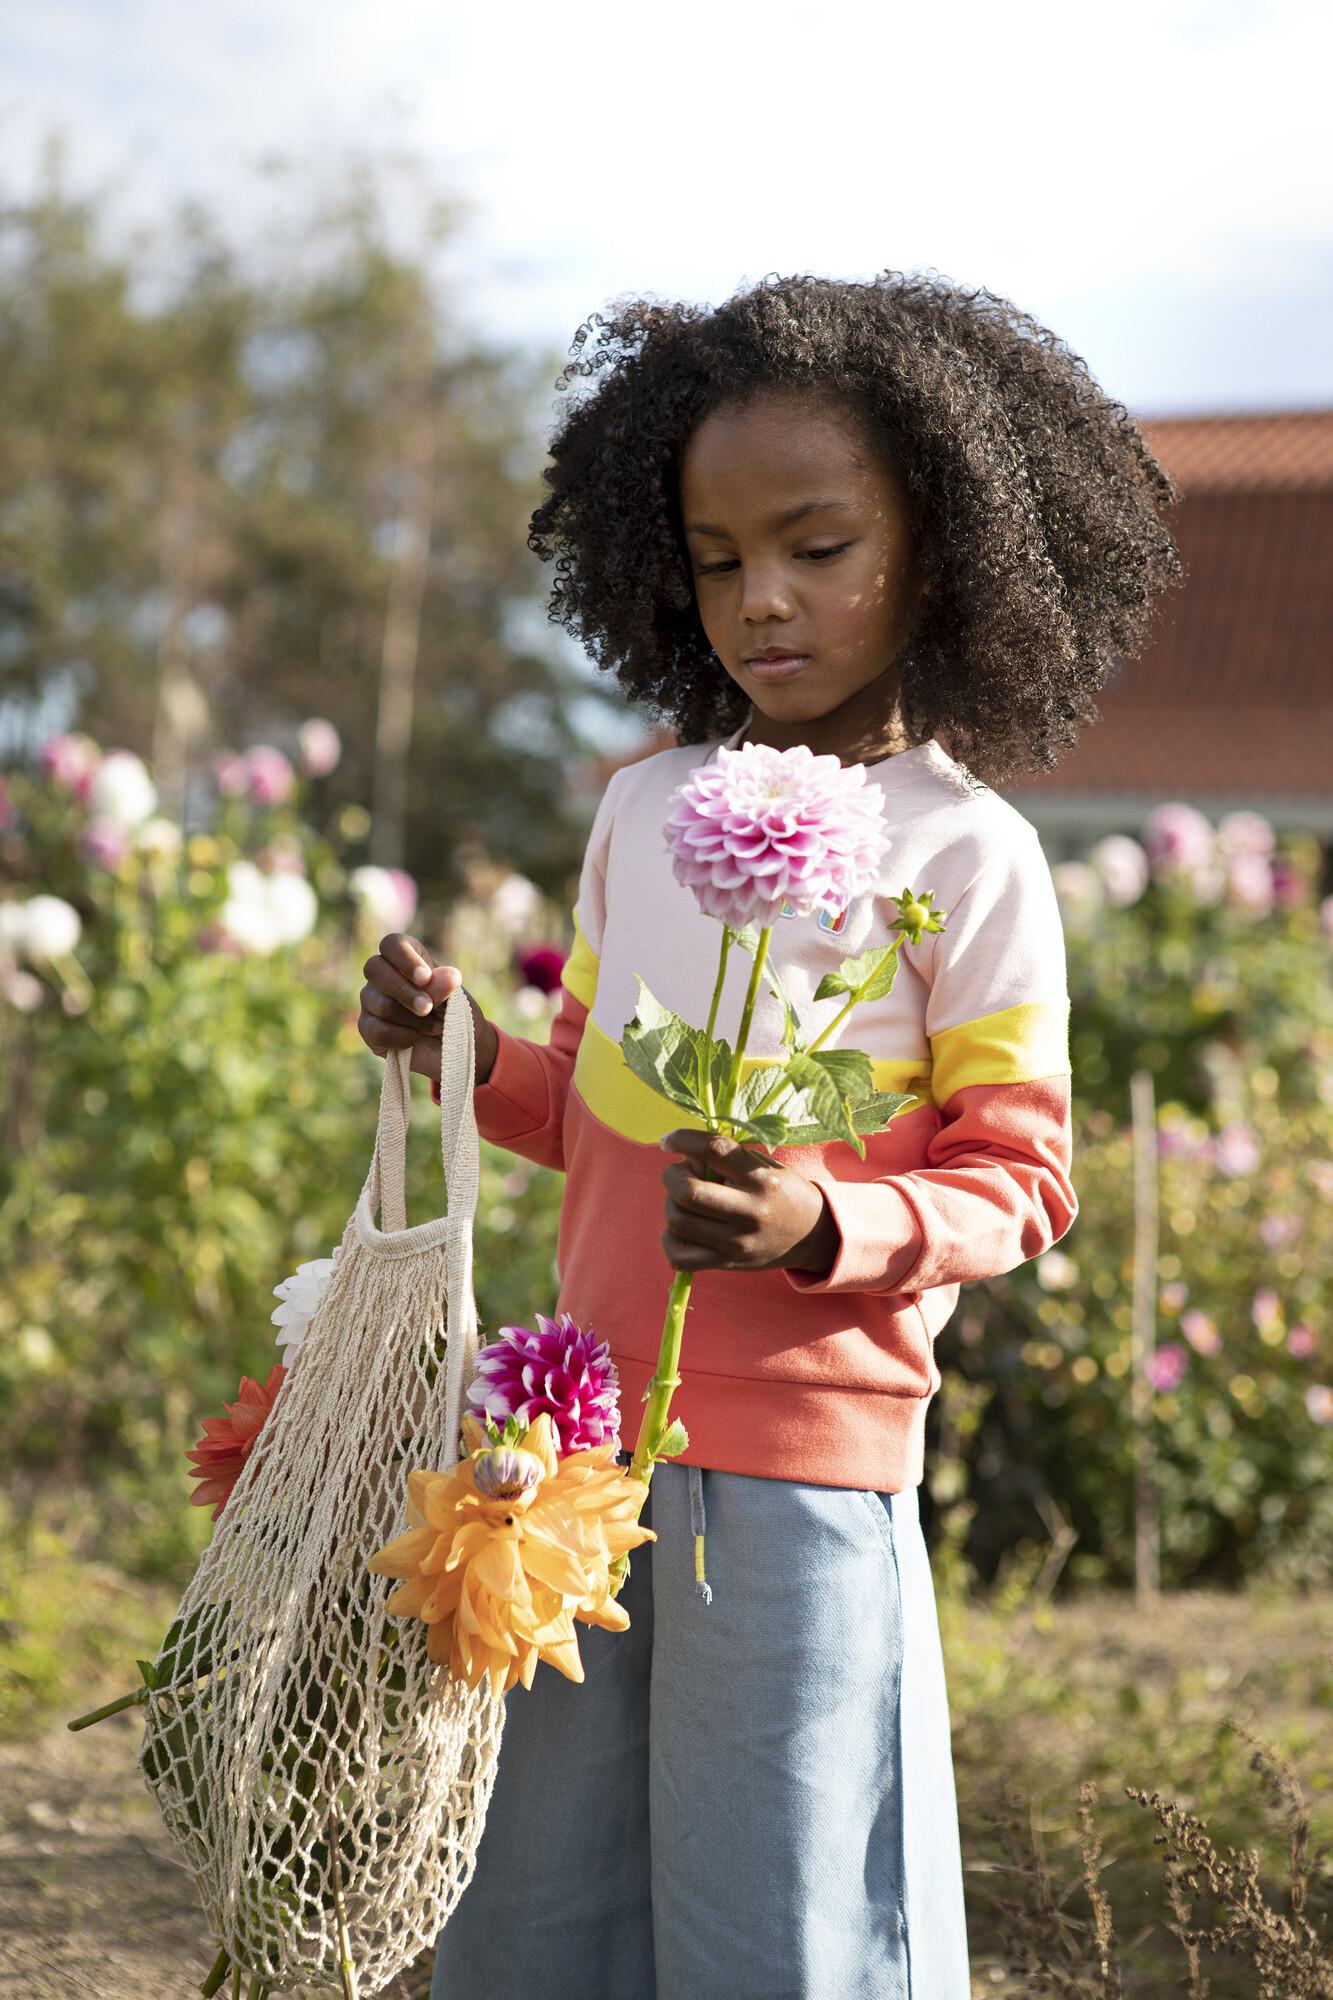 Someone kindermode : meisje met driekleurige trui en jeansbroek in bloemenveld.